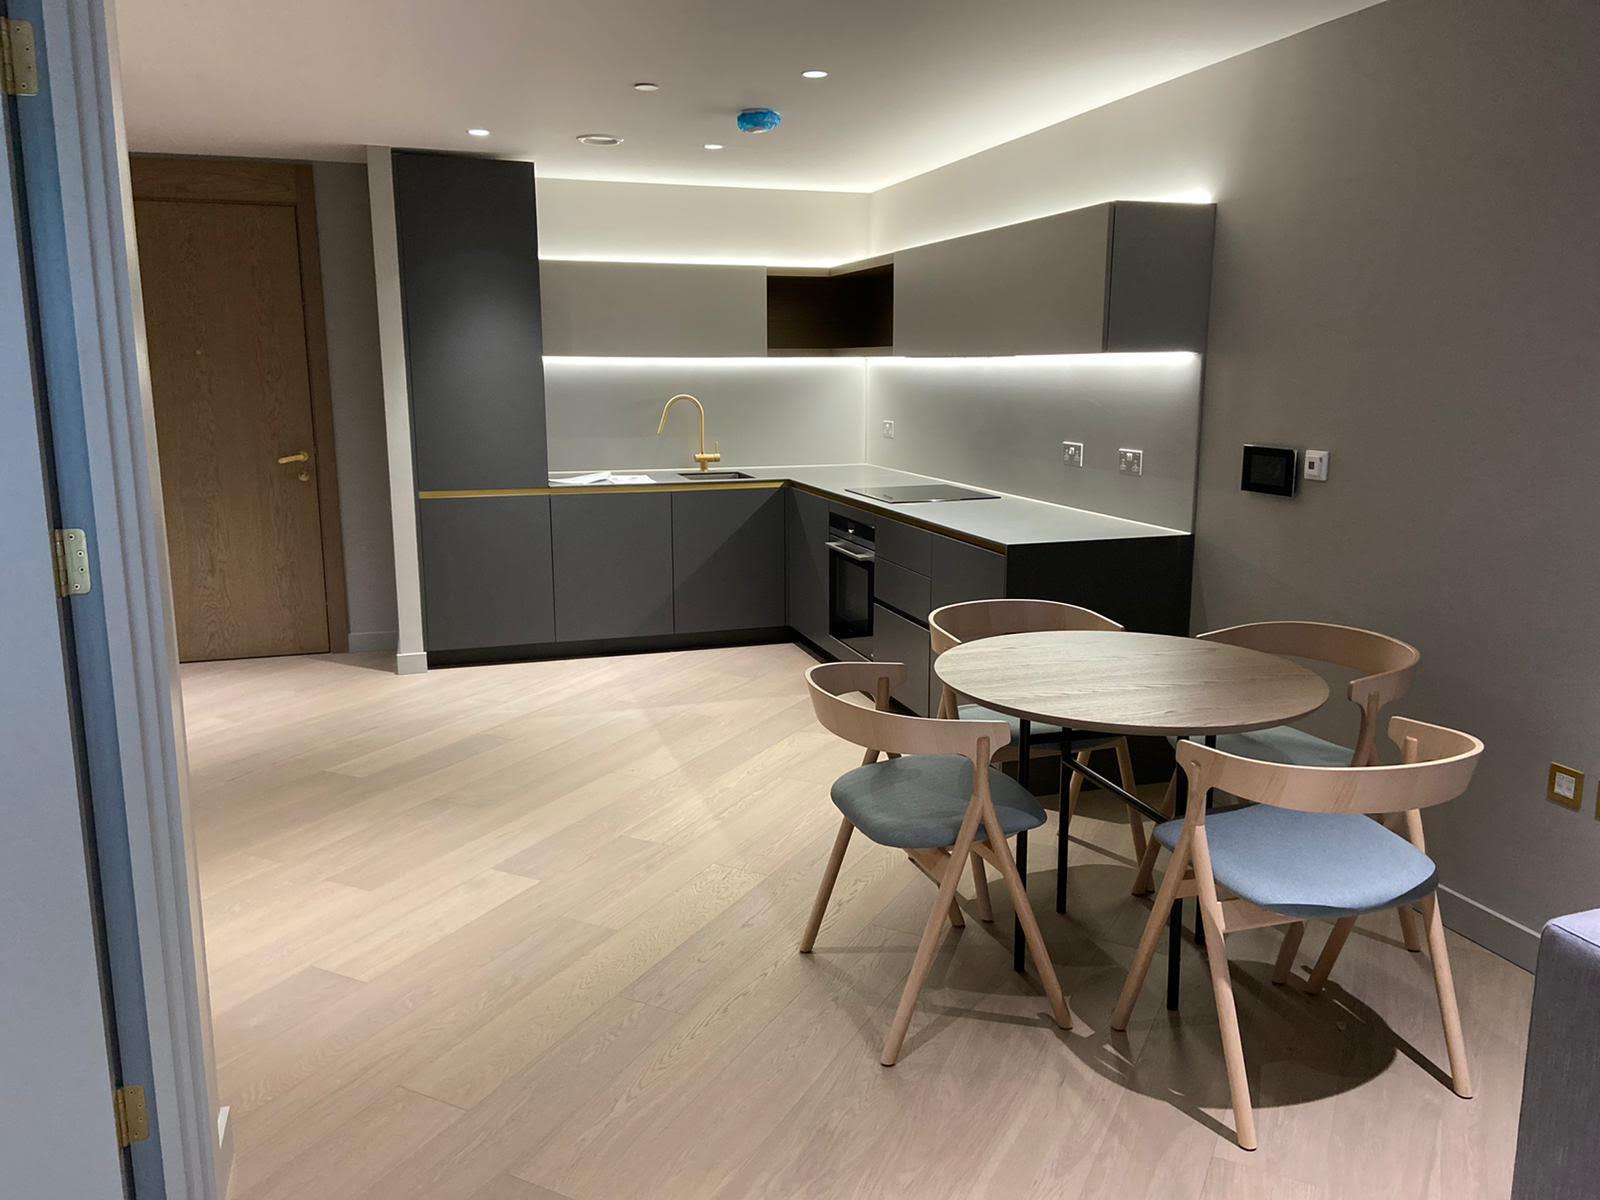 FF&E AND OS&E SERVICES - Hotel Interior Logistics